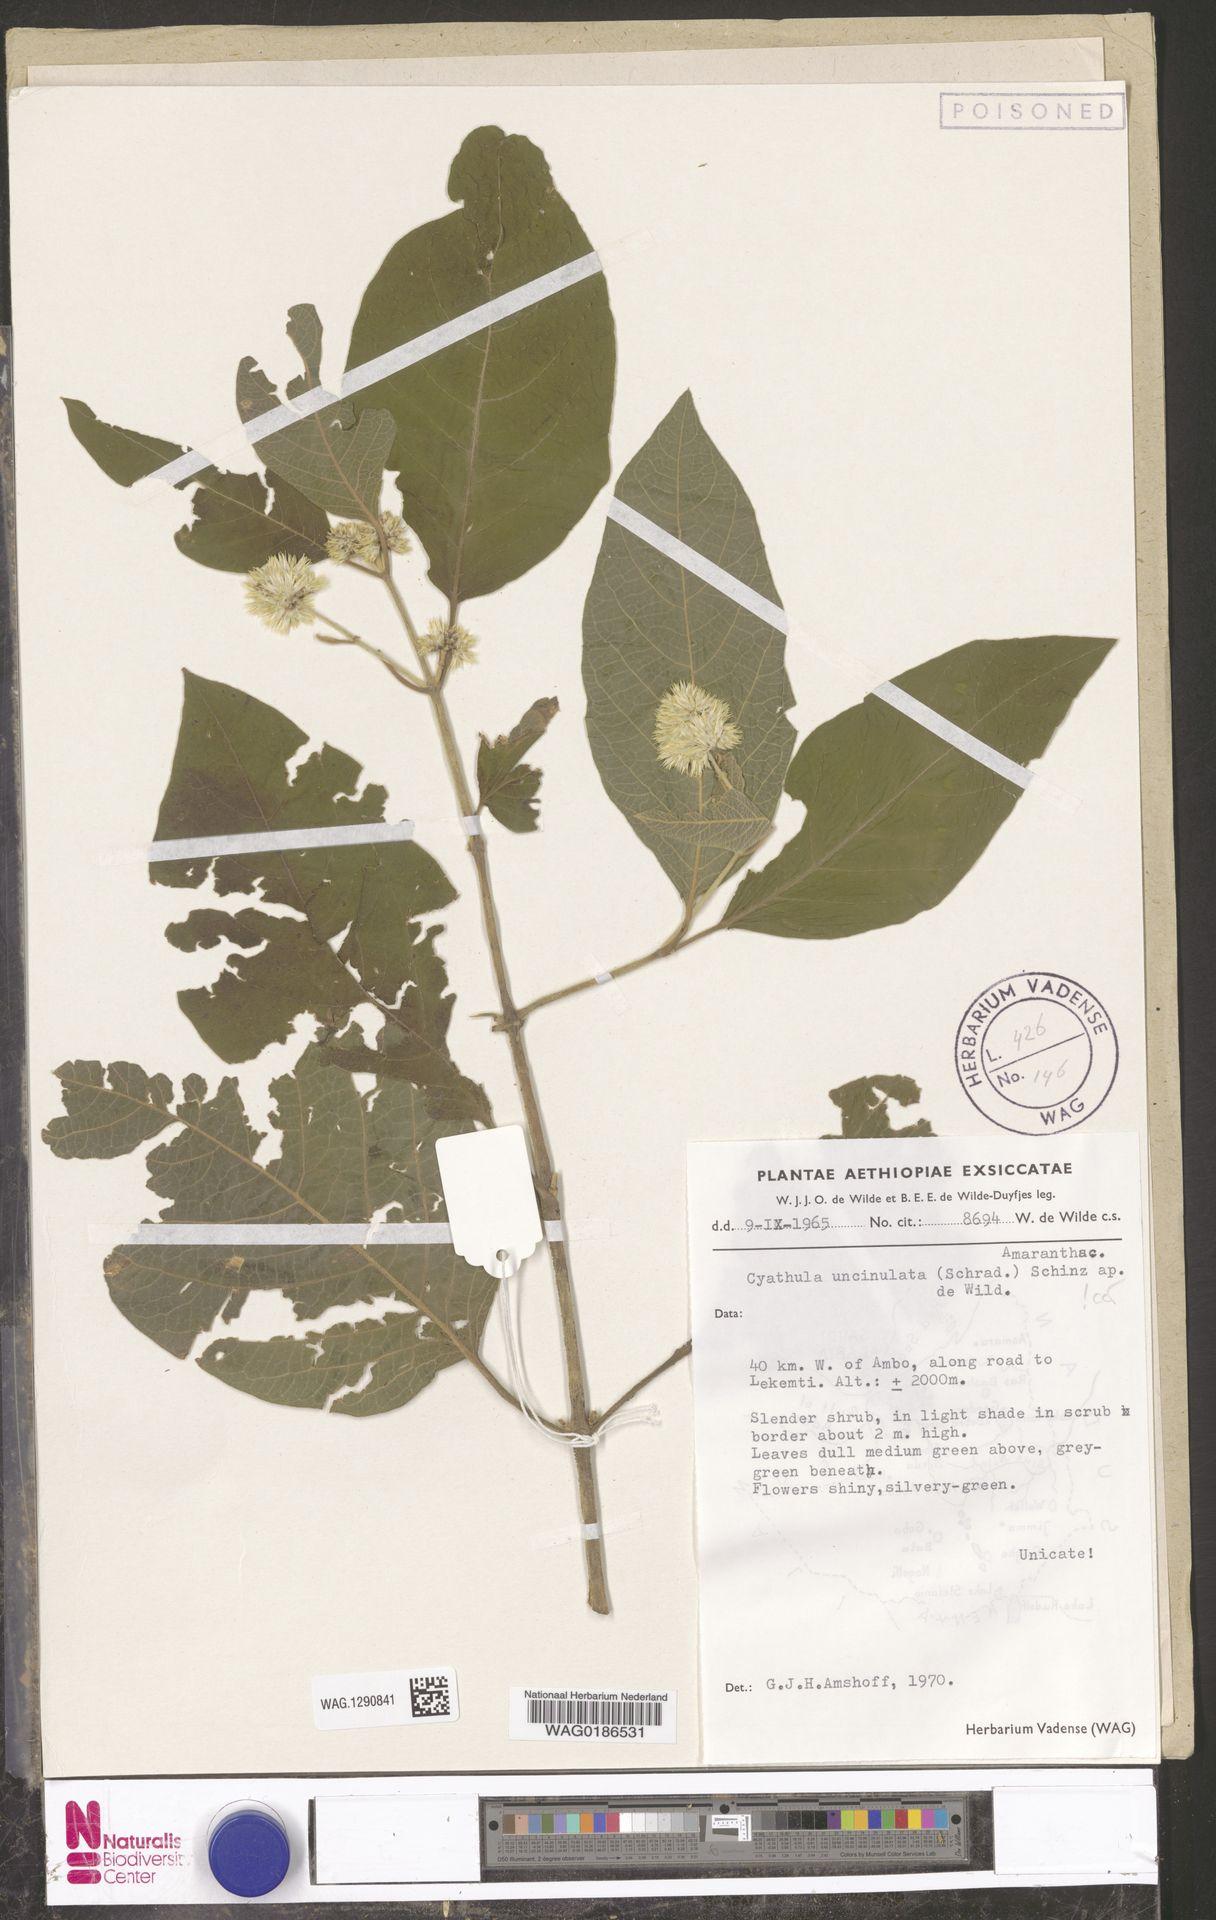 WAG.1290841 | Cyathula uncinulata (Schrad.) Schinz